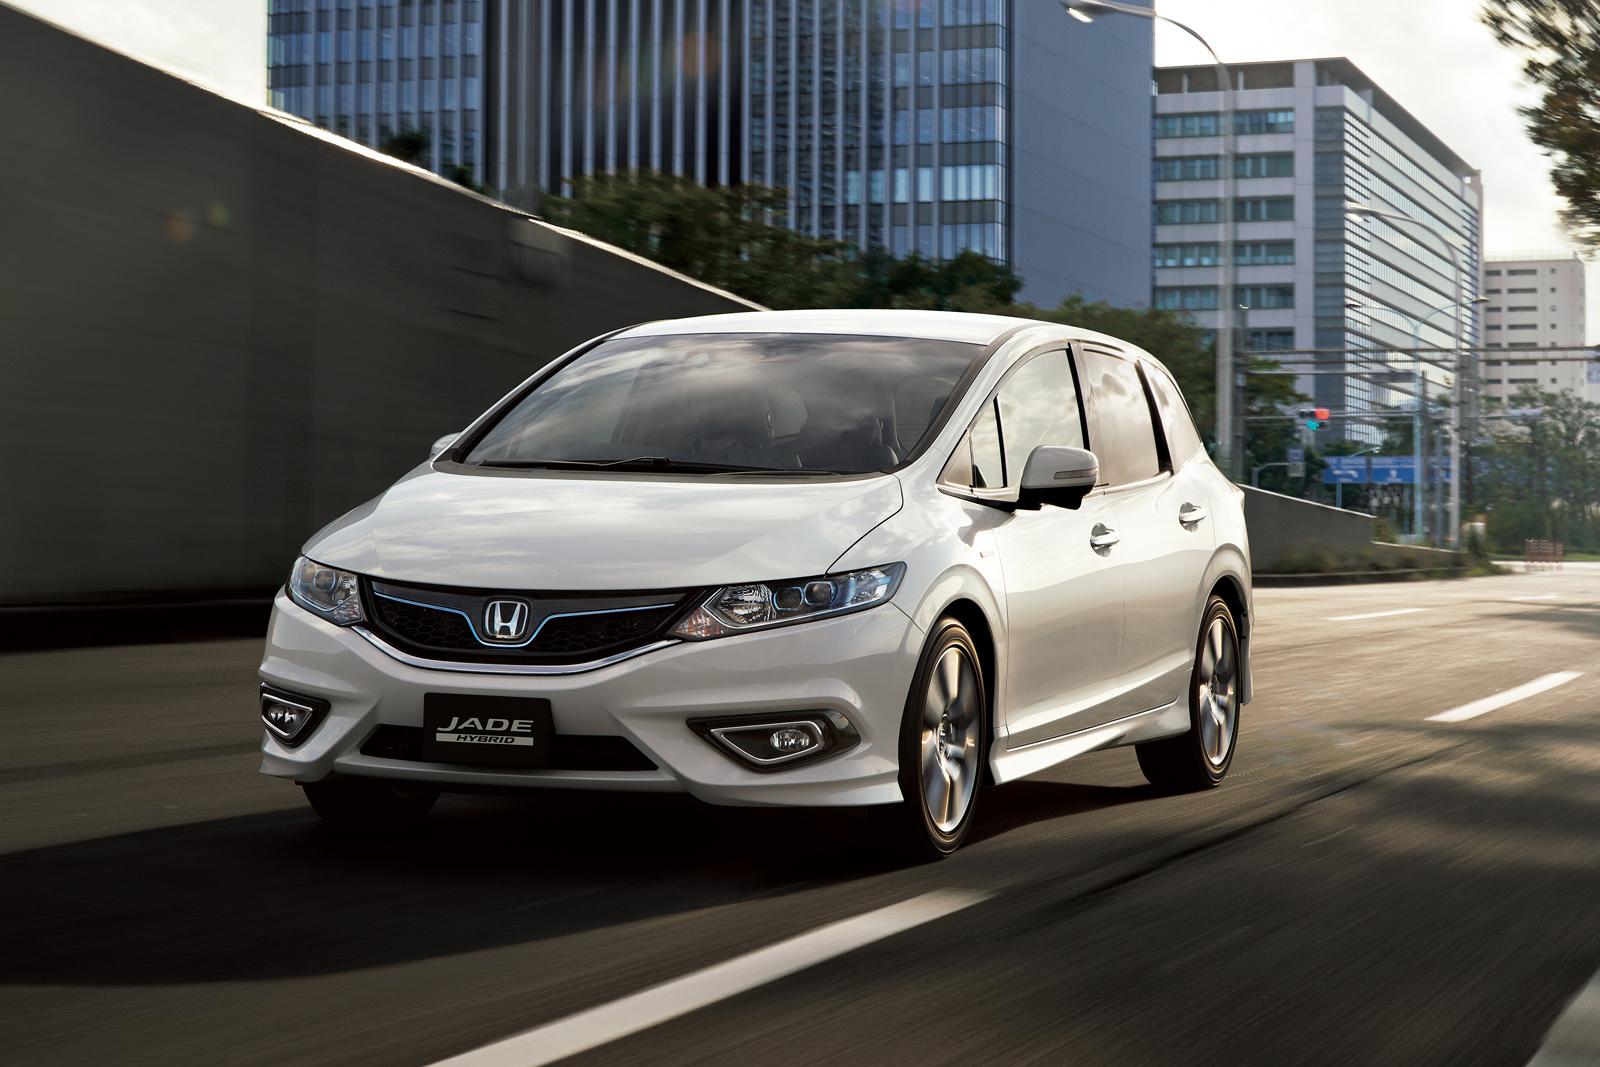 Honda Jade Hybrid